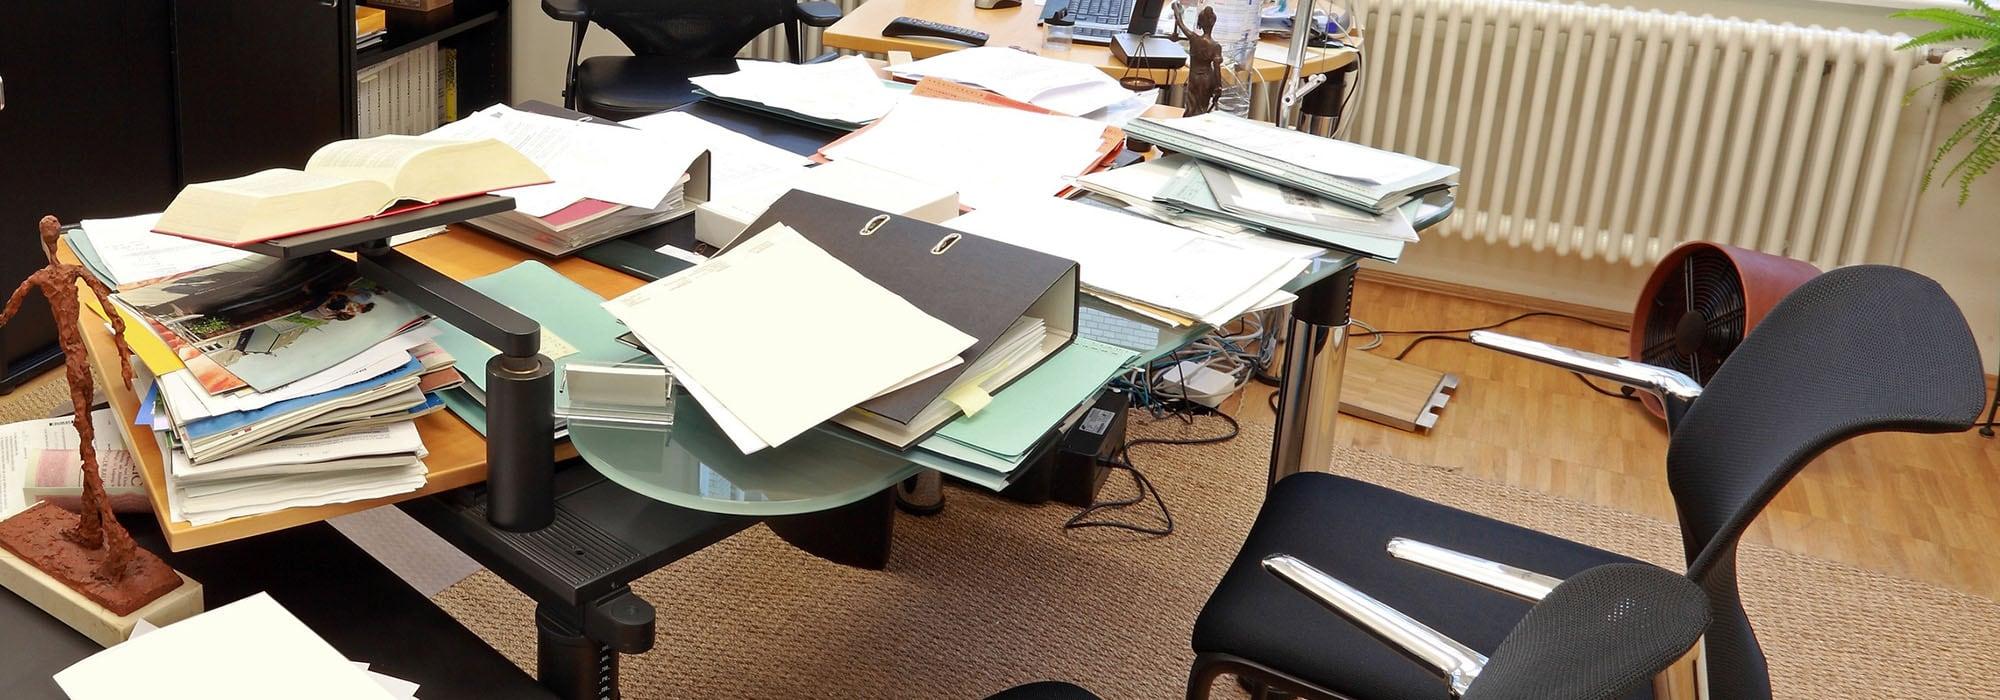 Buroorganisation Nie Wieder Suchen Najka Agentur